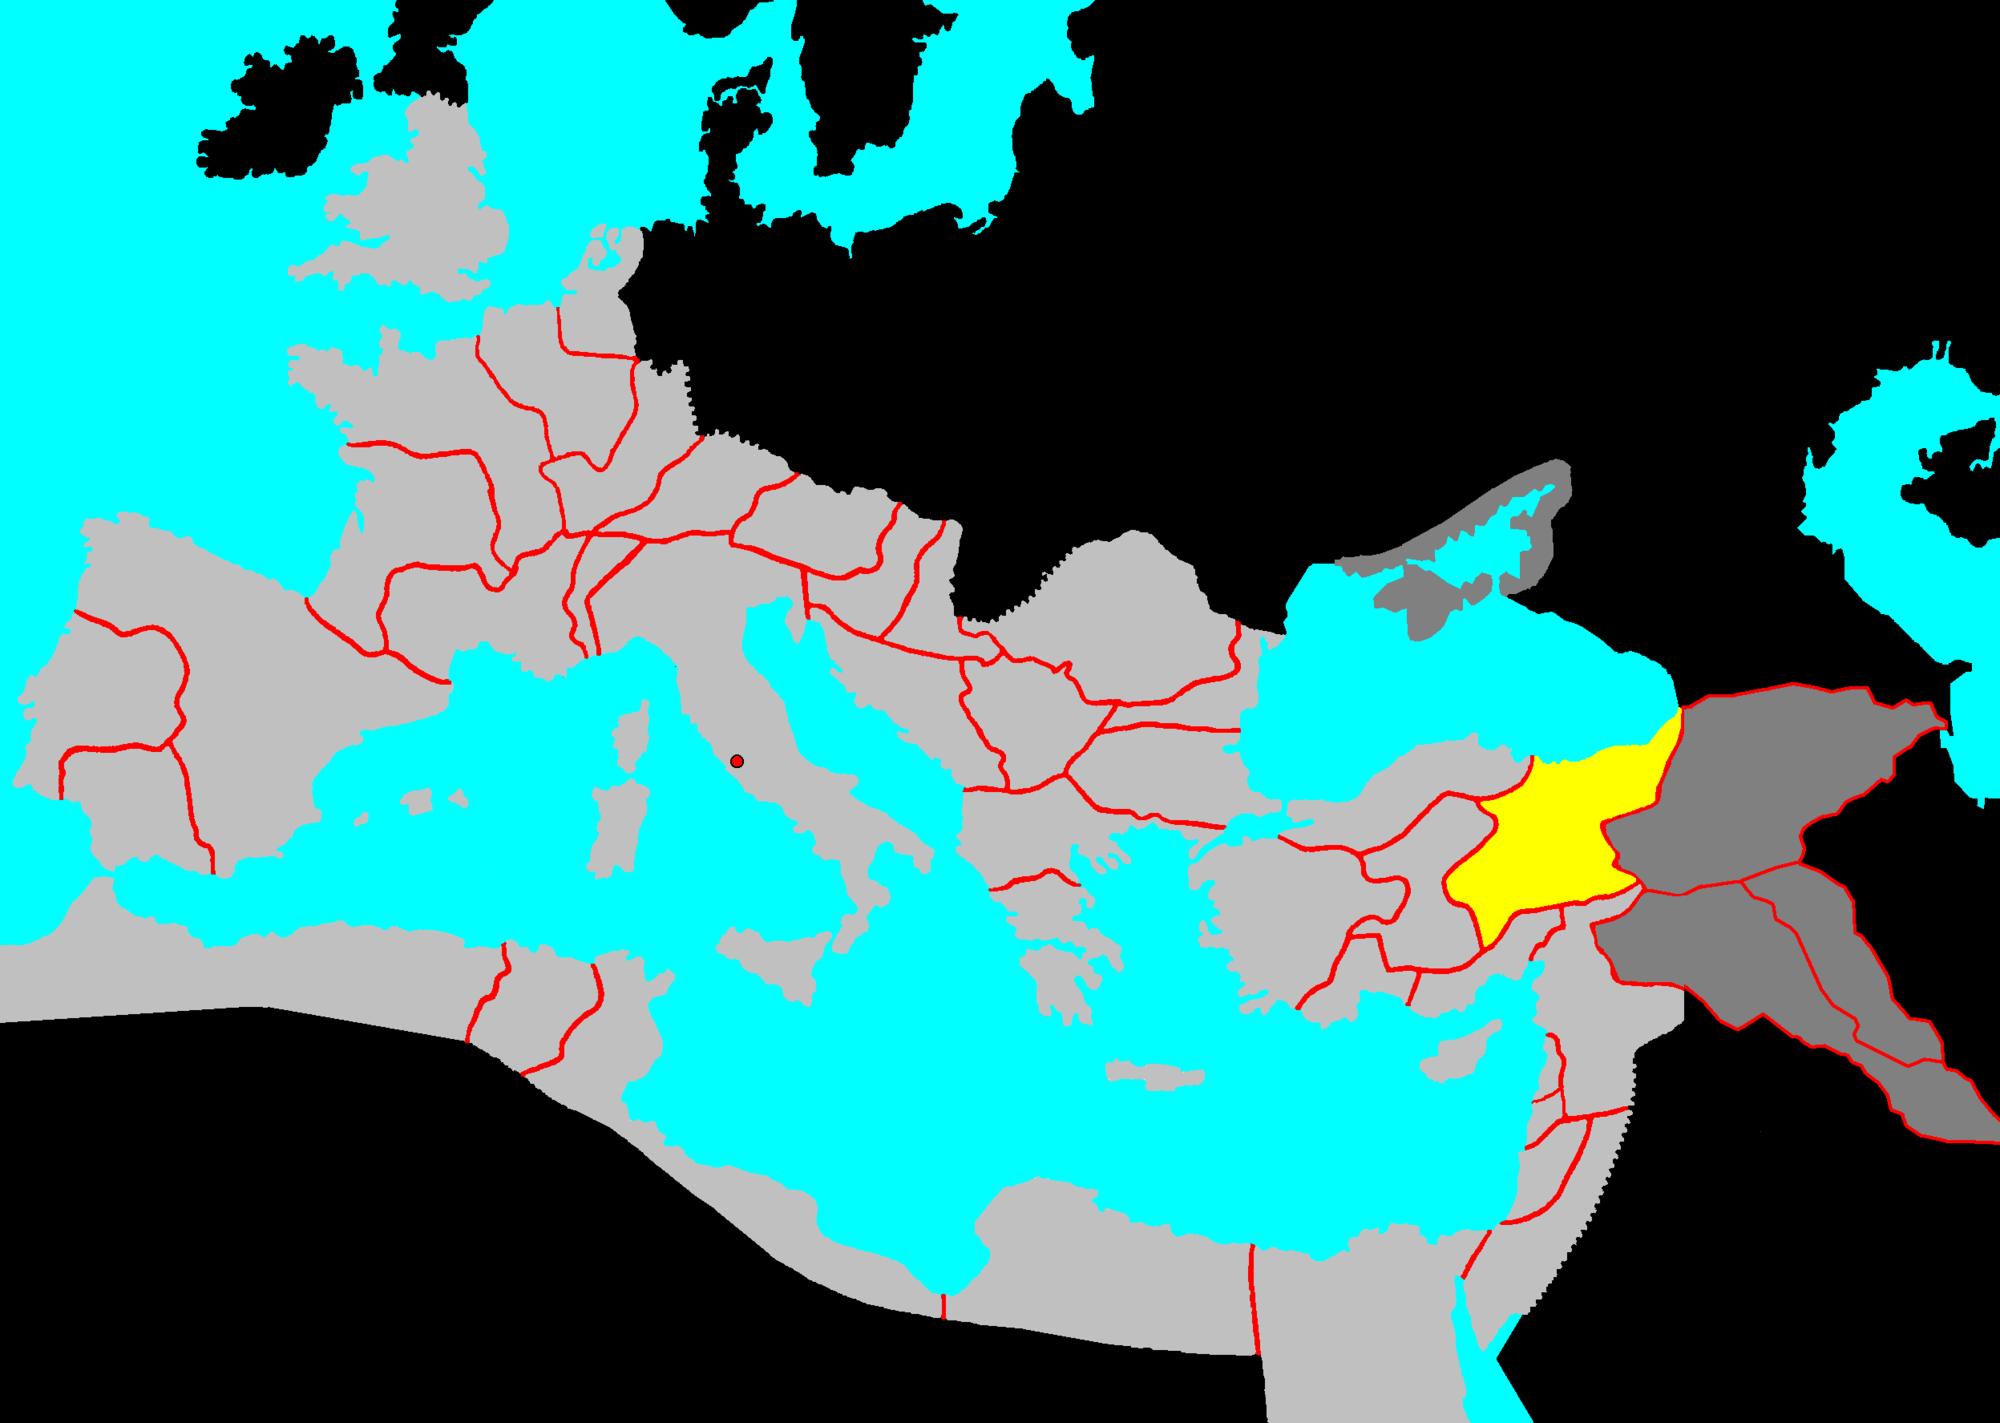 کاپادوکیه